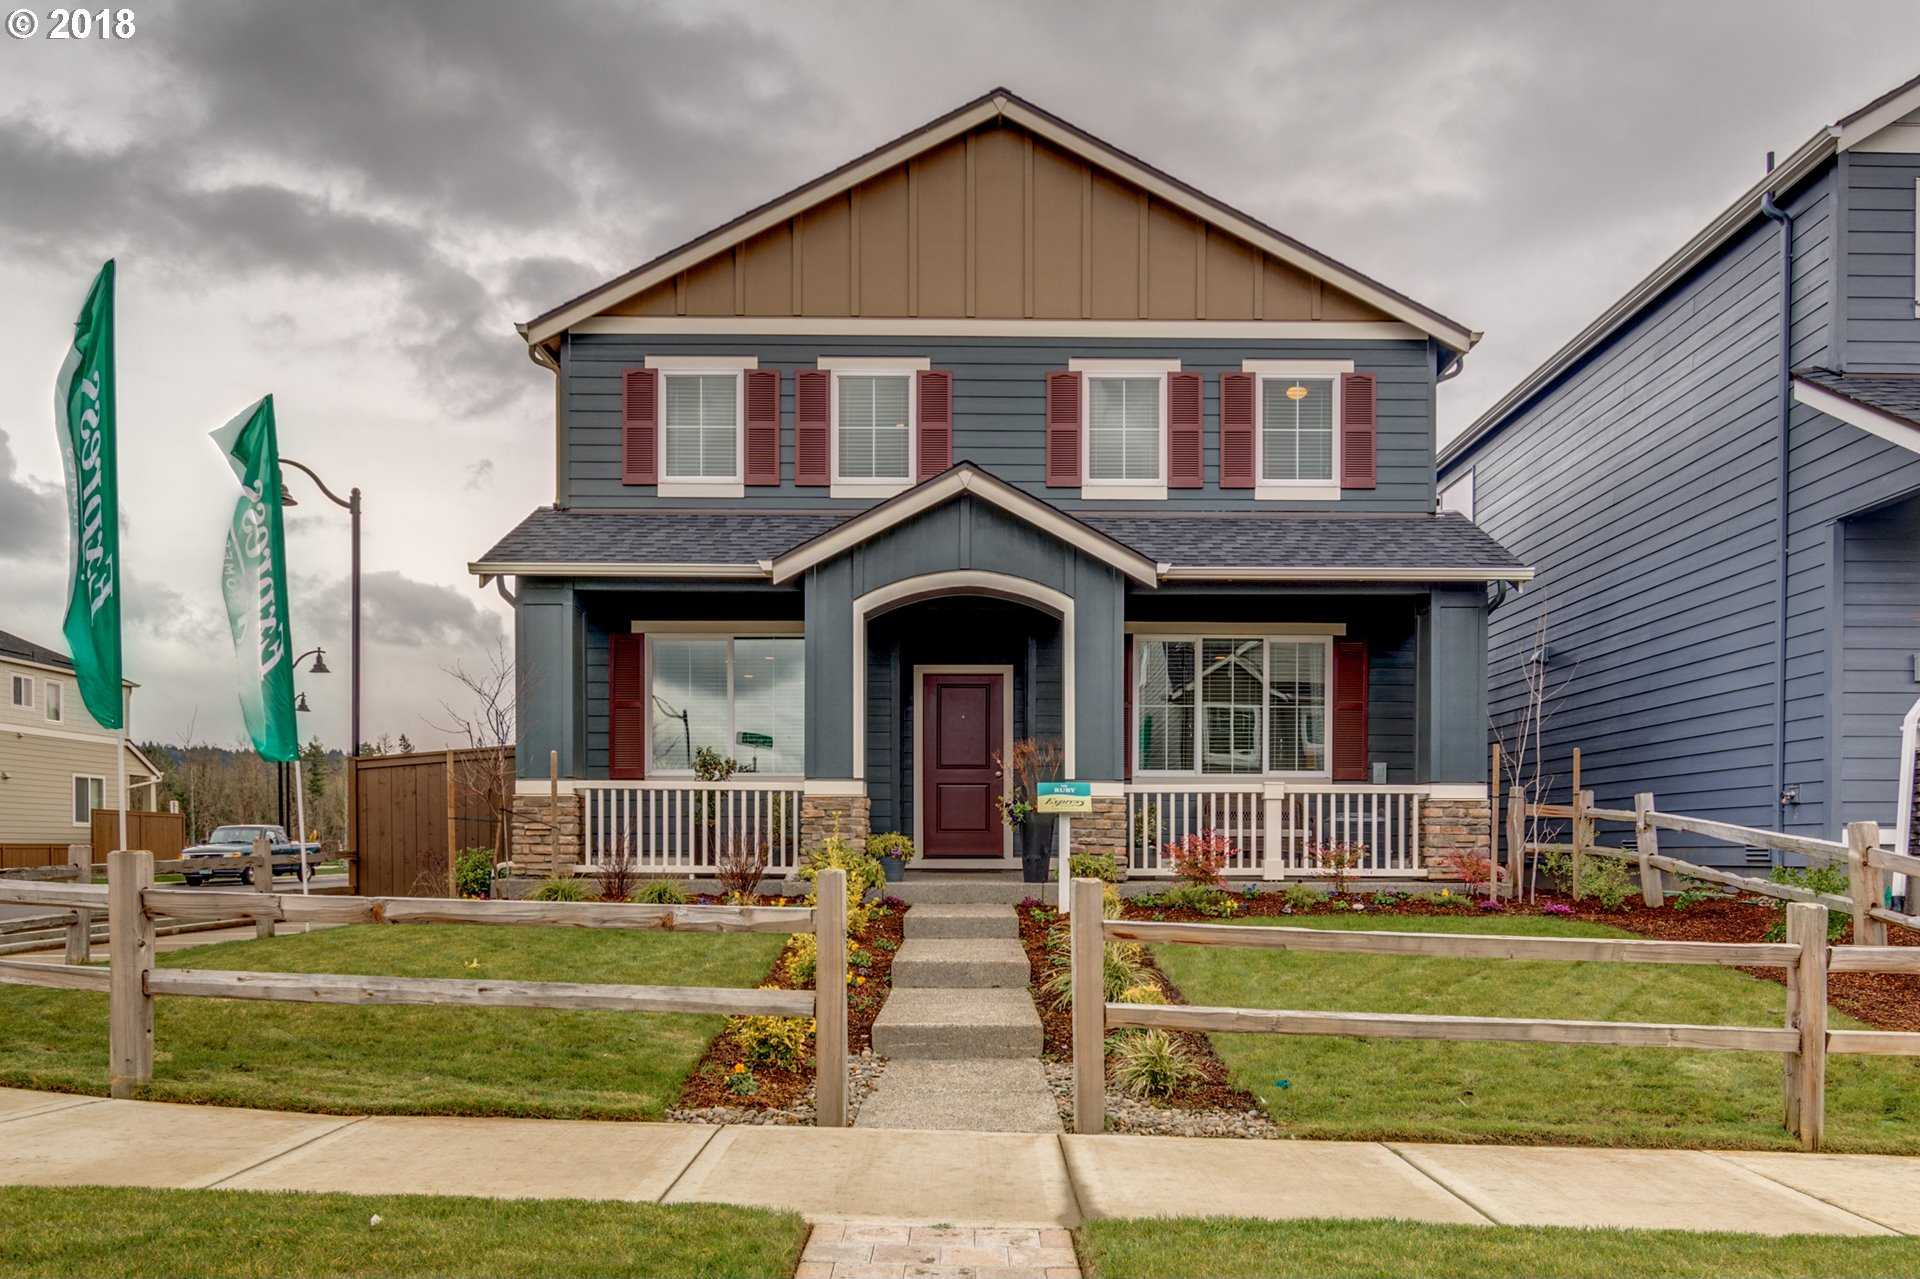 $512,995 - 4Br/3Ba -  for Sale in Abbey Creek In Bethany, Portland